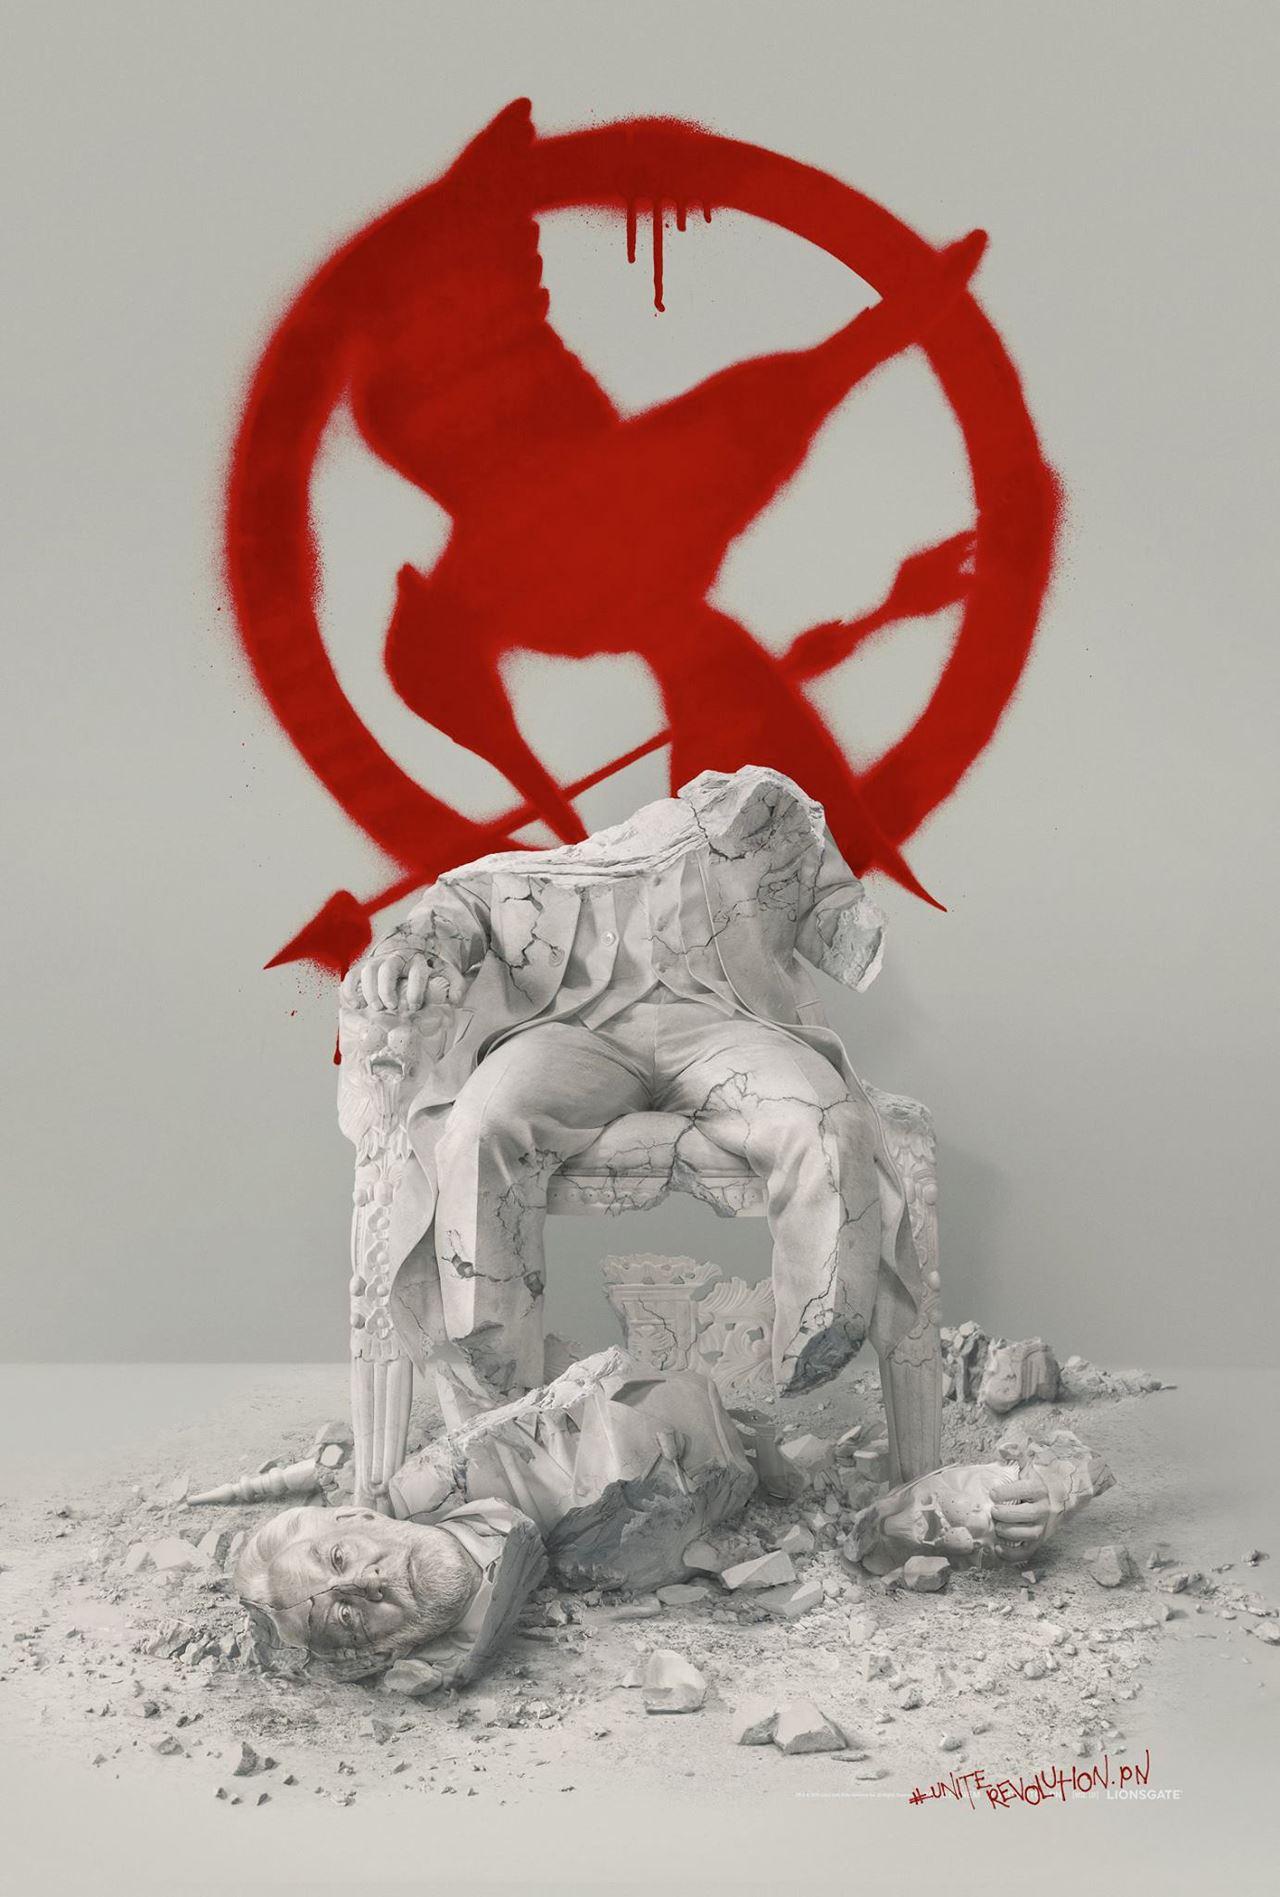 Hunger Games - Mockingjay Part 2, Röda kvarn Edsbyn